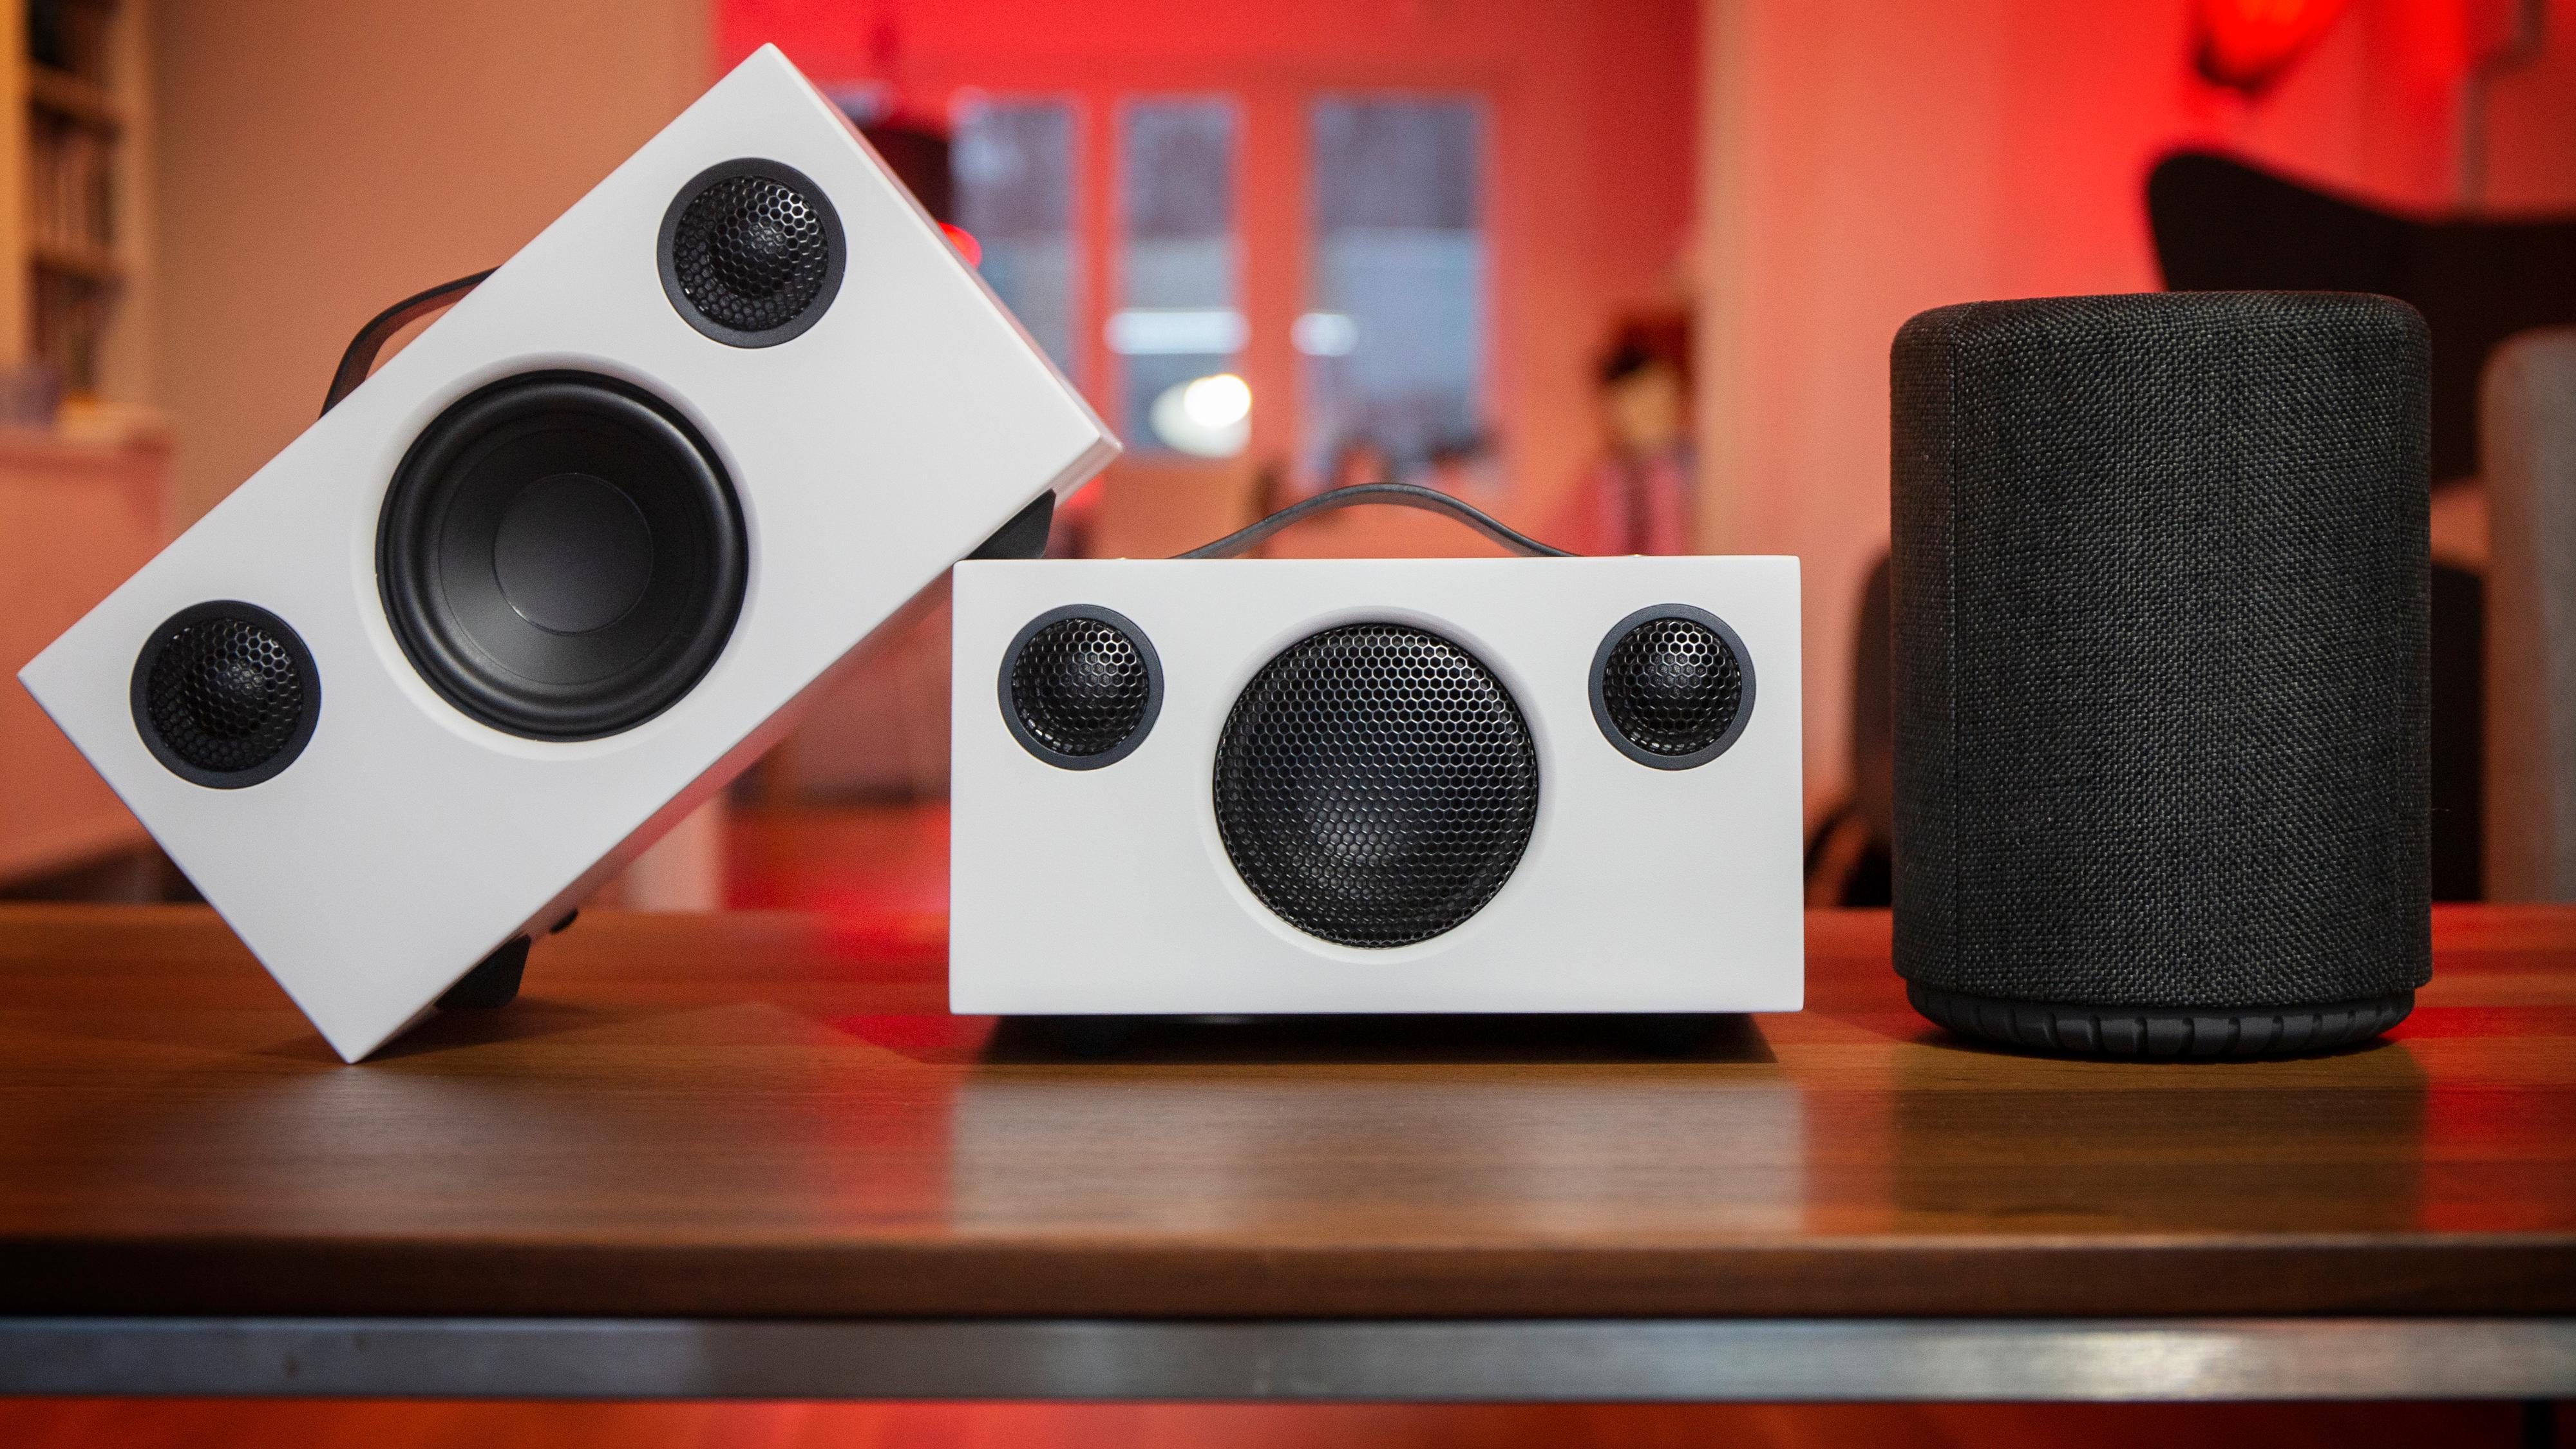 Svenske Audio Pro har laget seg et godt navn i hifi-verdenen. Vi har testet Addon C5, C3 og A10.